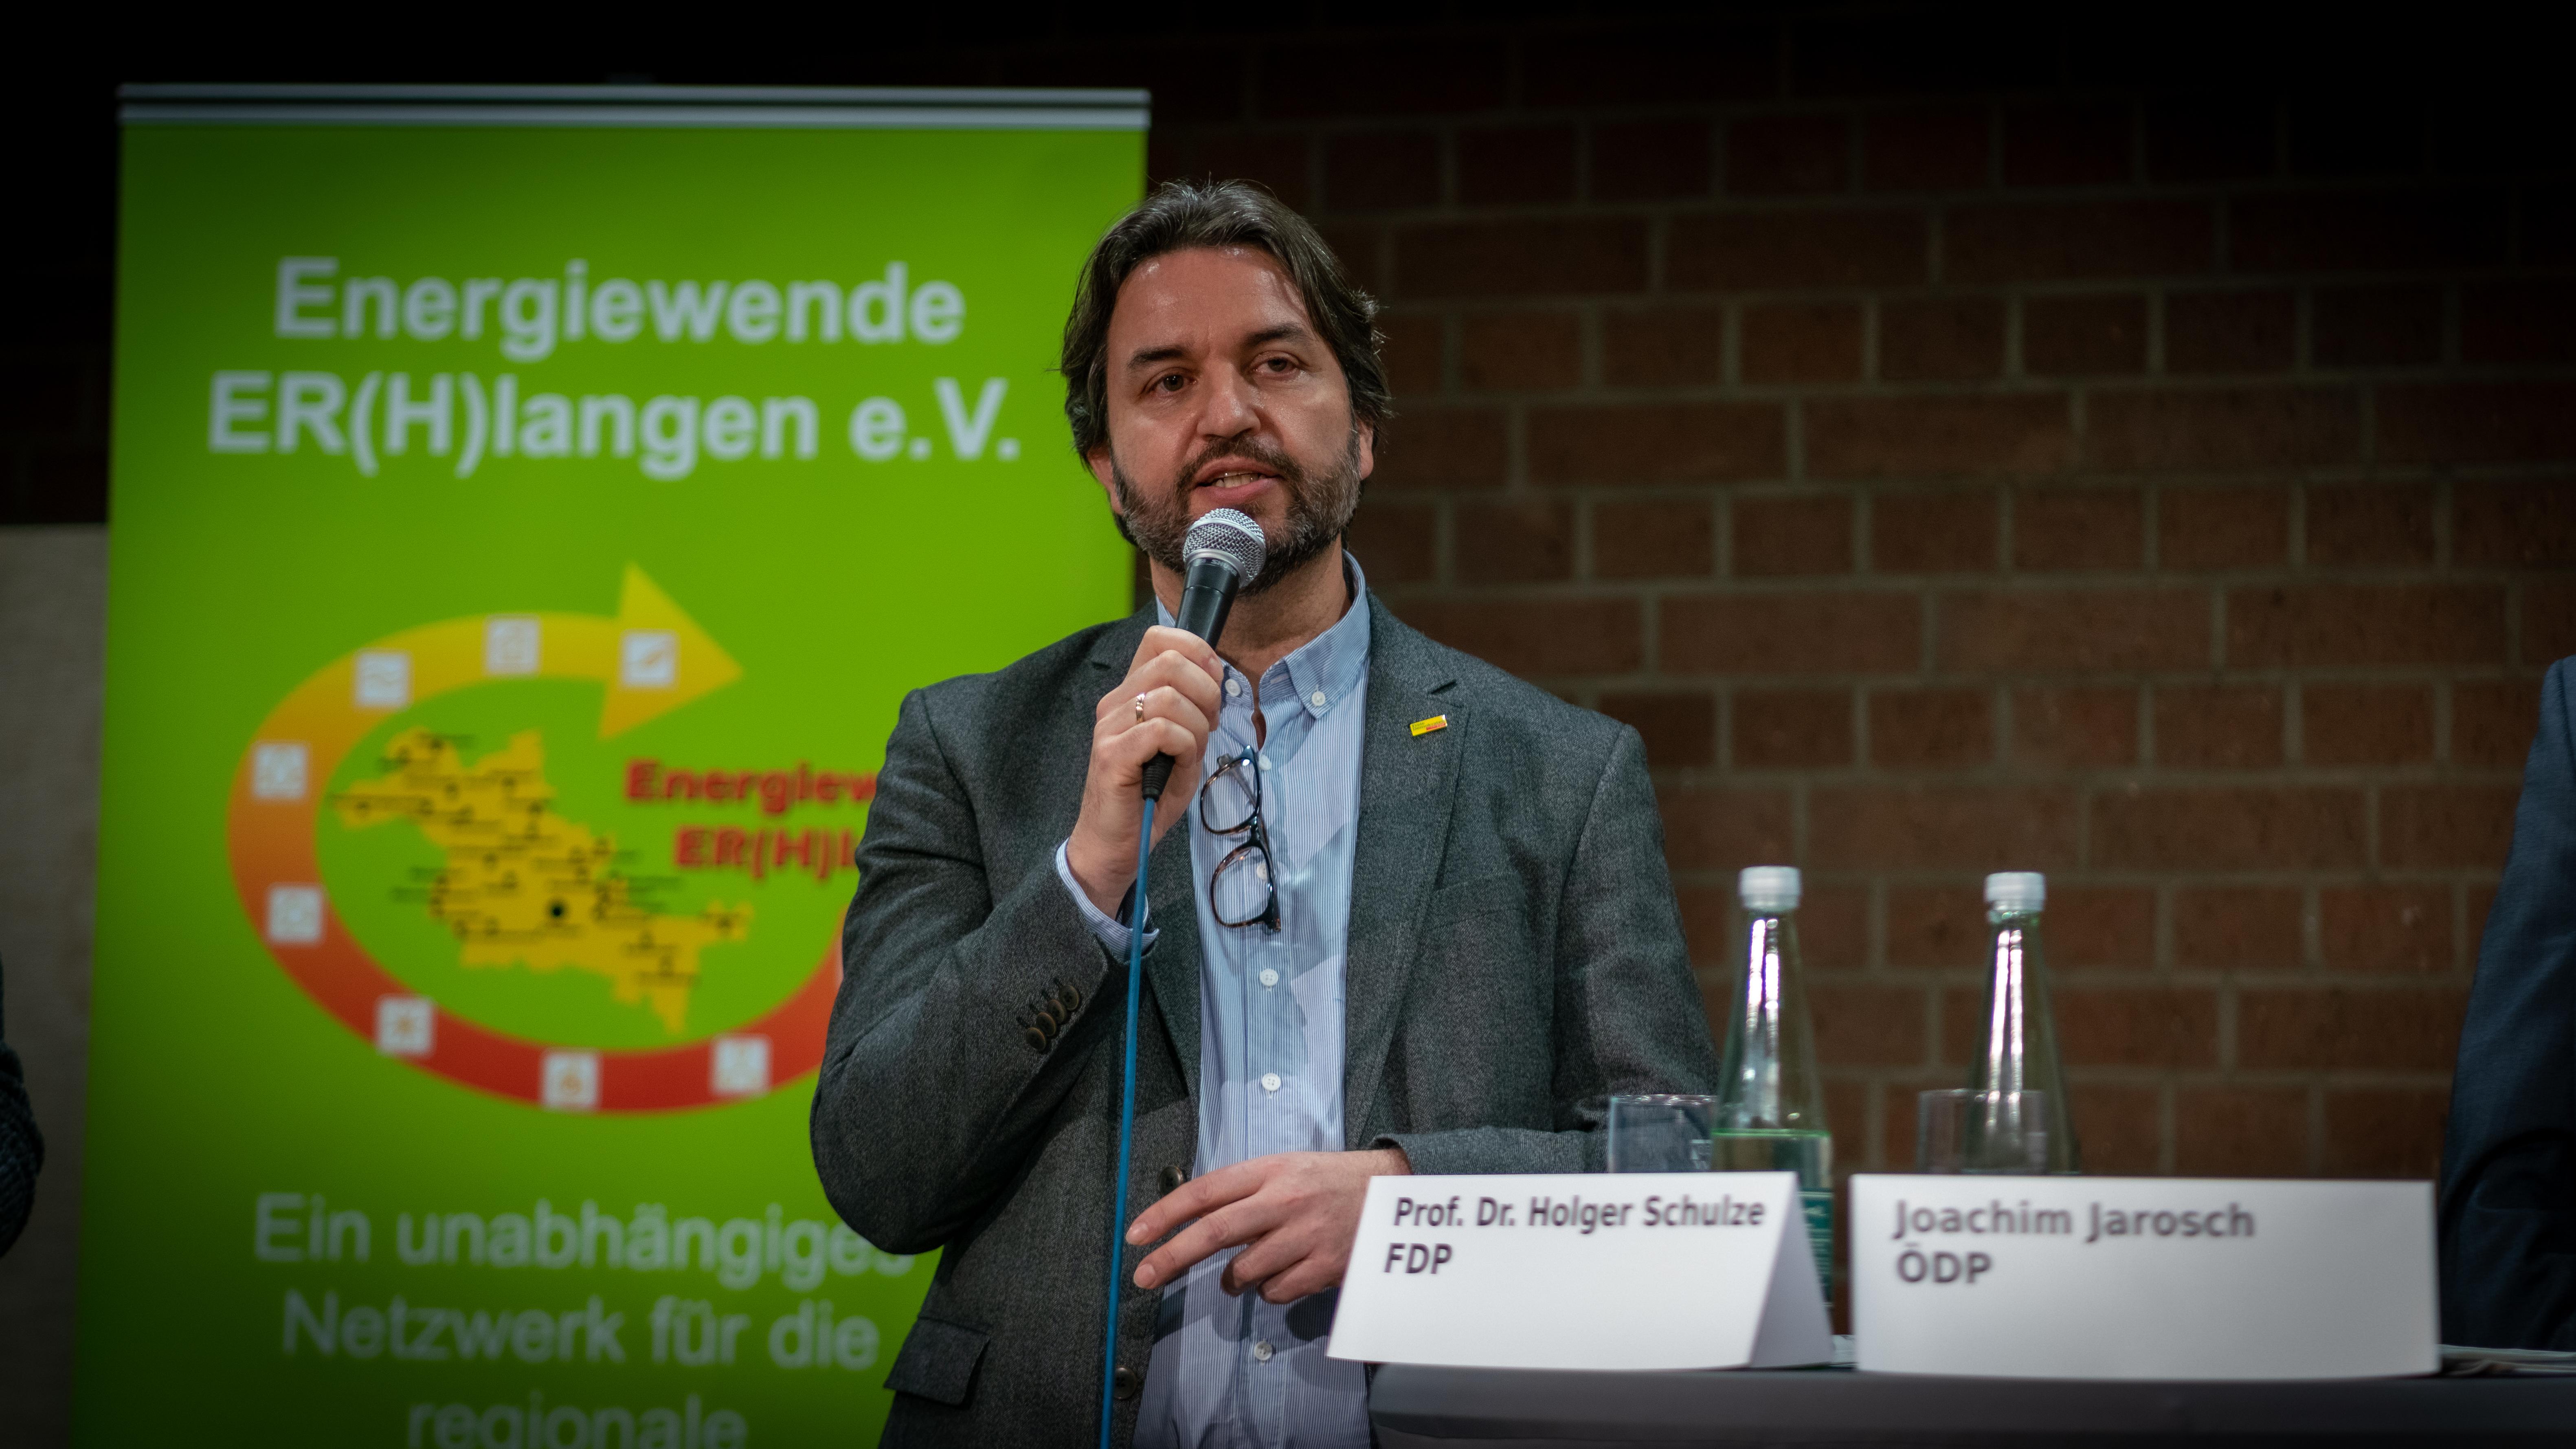 Prof. Dr. Holger Schulze (FDP)